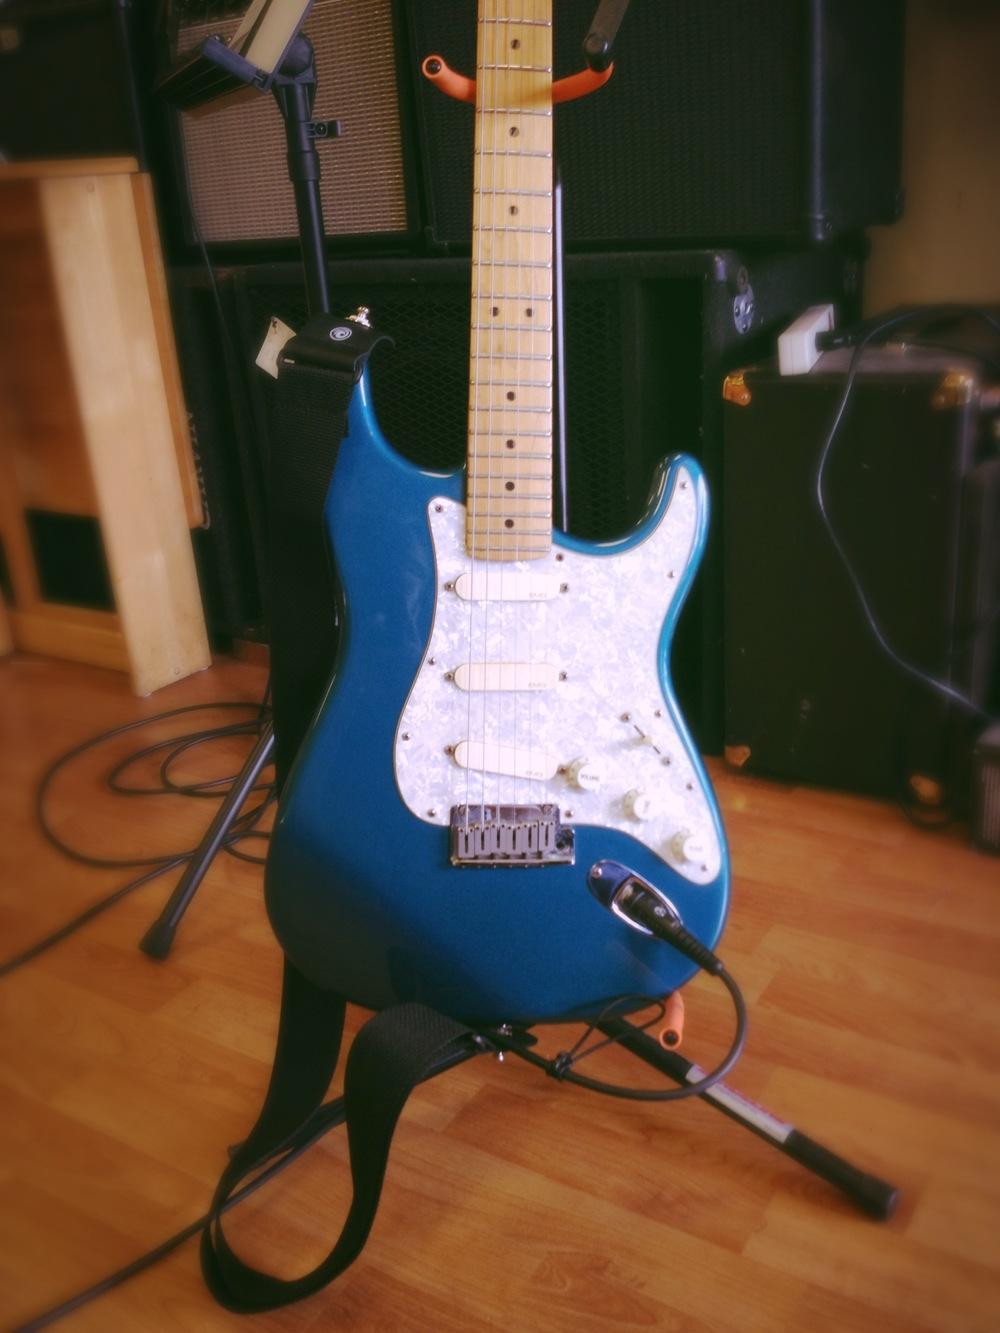 The pretty guitar.